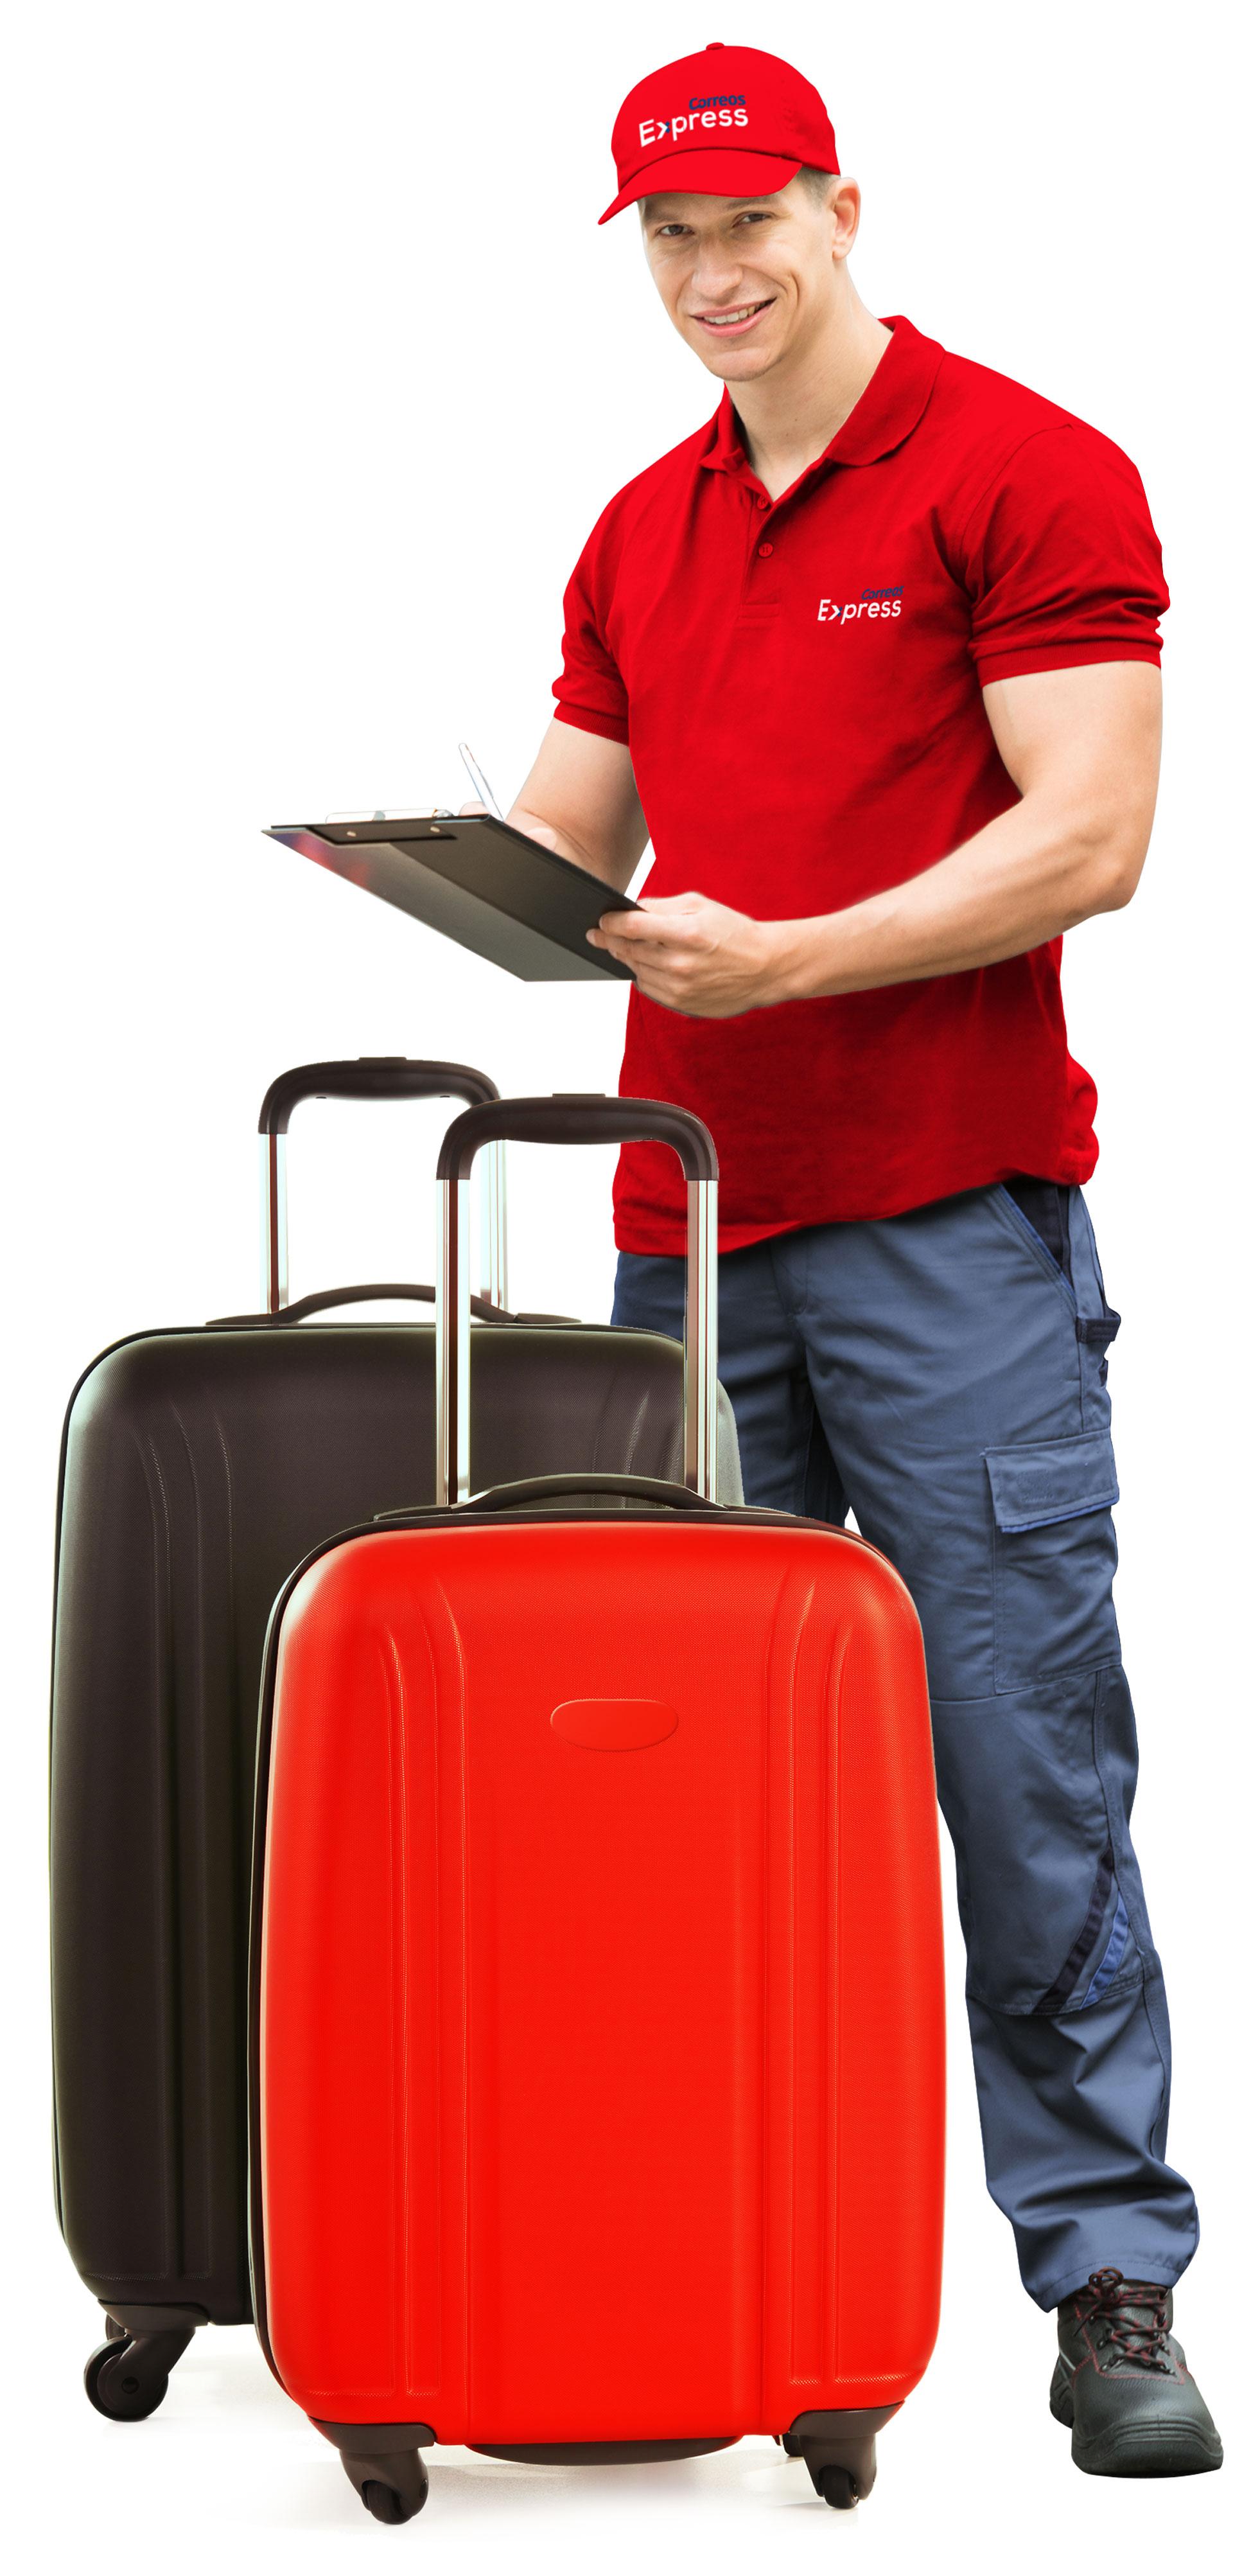 El Grupo Correos traslada las maletas desde la Comunidad Valenciana a tu lugar de vacaciones